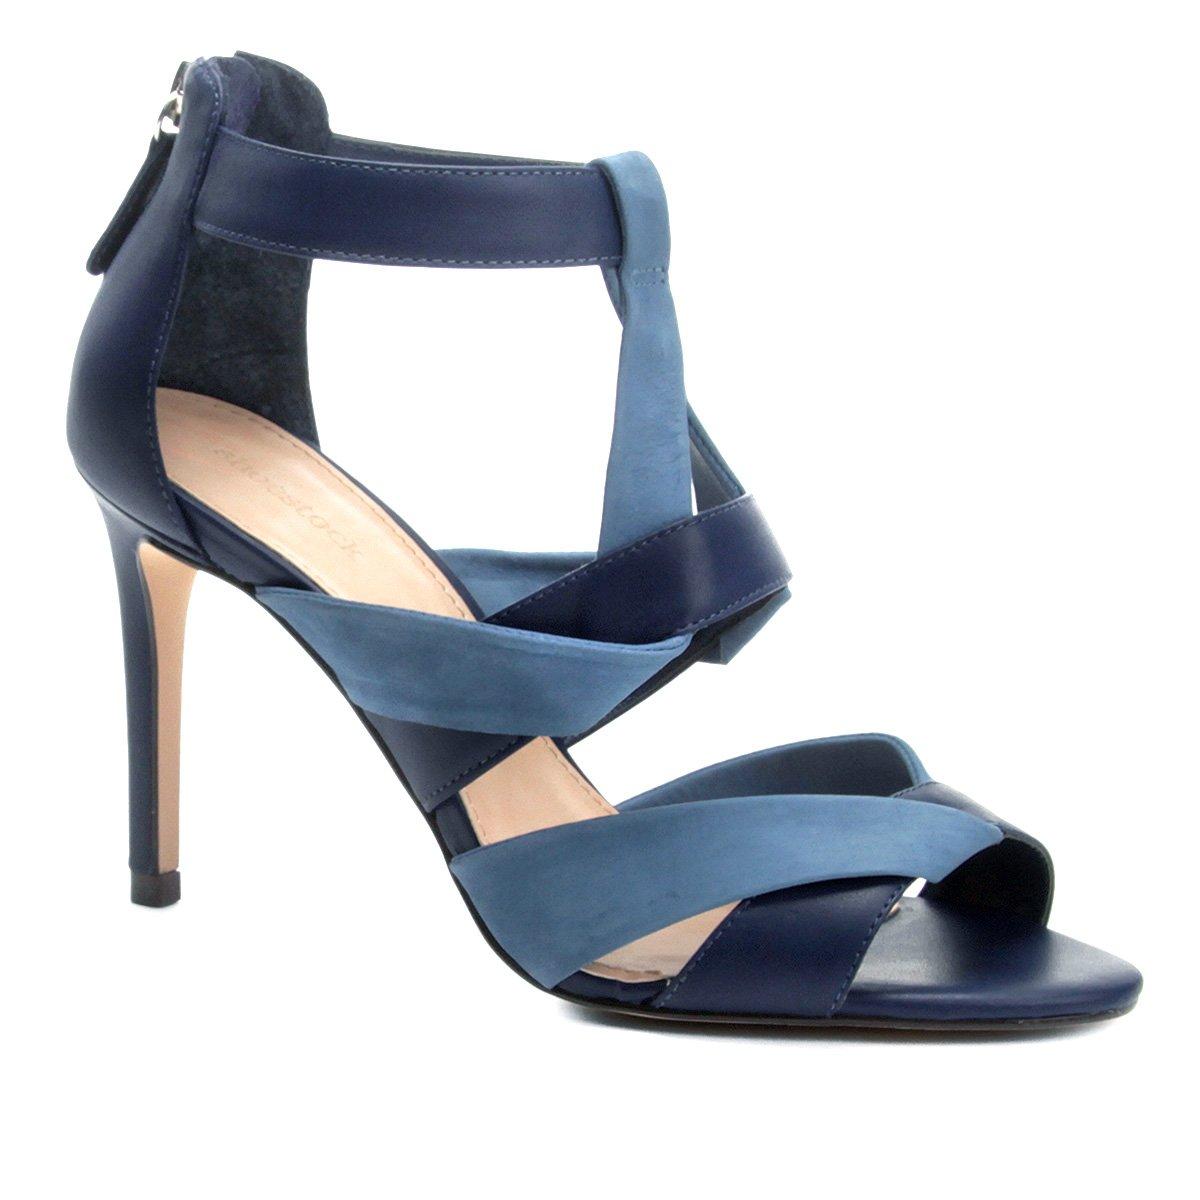 Sandália Shoestock Couro Bicolor Feminina Azul Salto Alto Couro Sandália rqwrAZtR